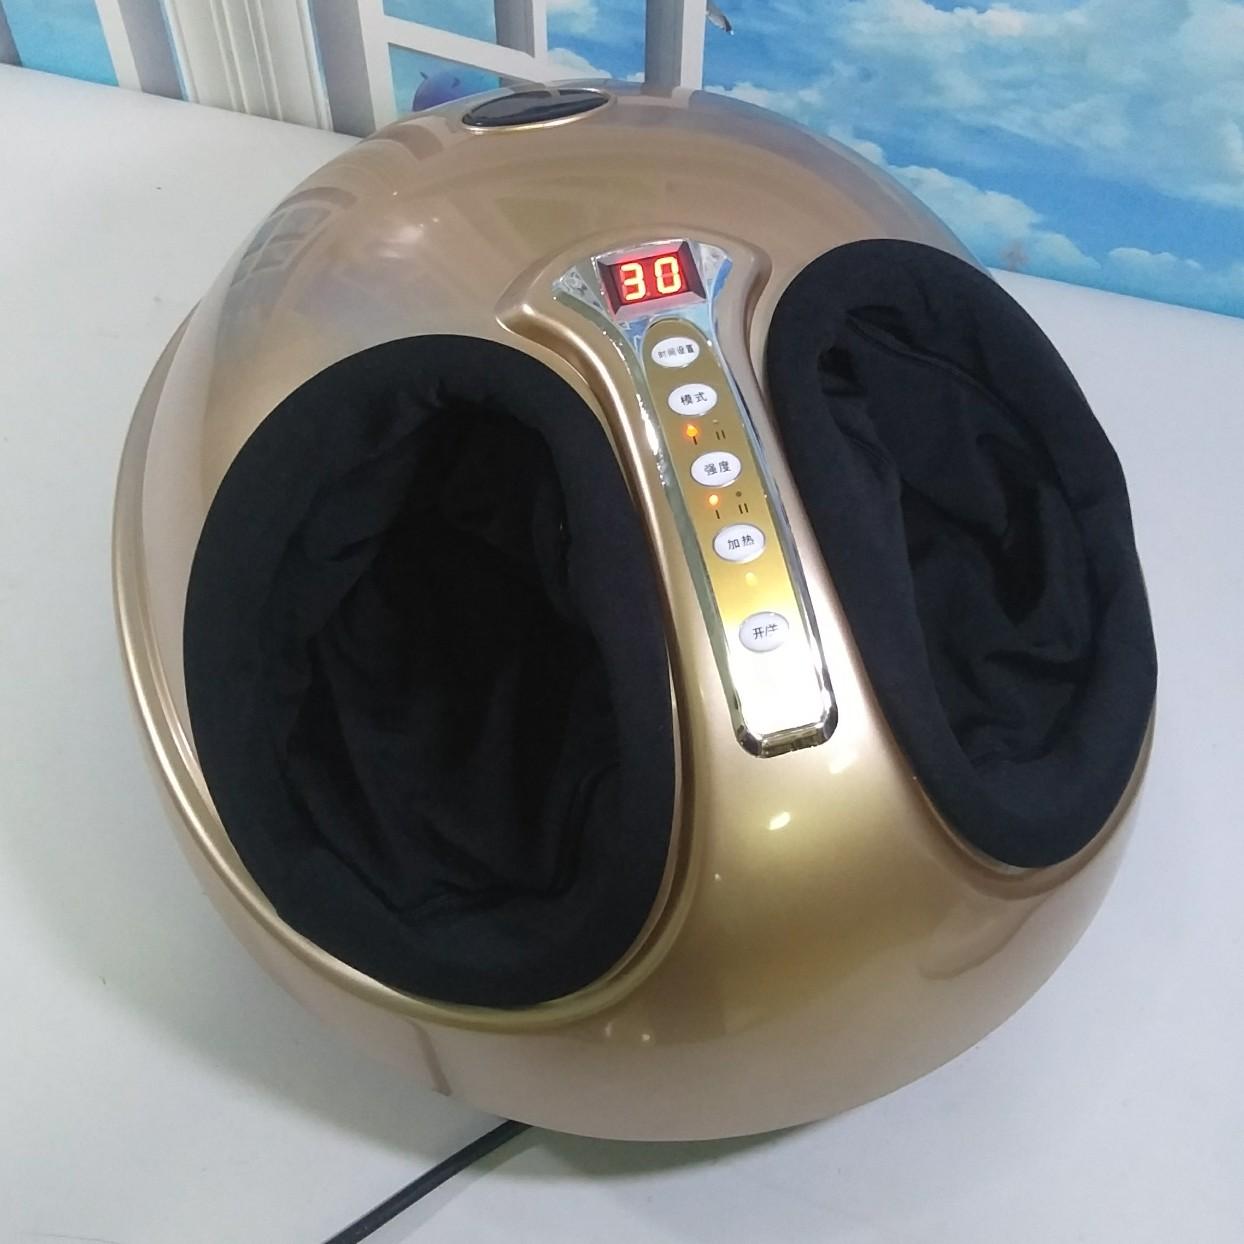 Máy Massage Chân Hồng Ngoại Đa Chức Năng(Tặng kèm 1 máy massage thư giãn đầu cao cấp-giao màu ngẫu nhiên)